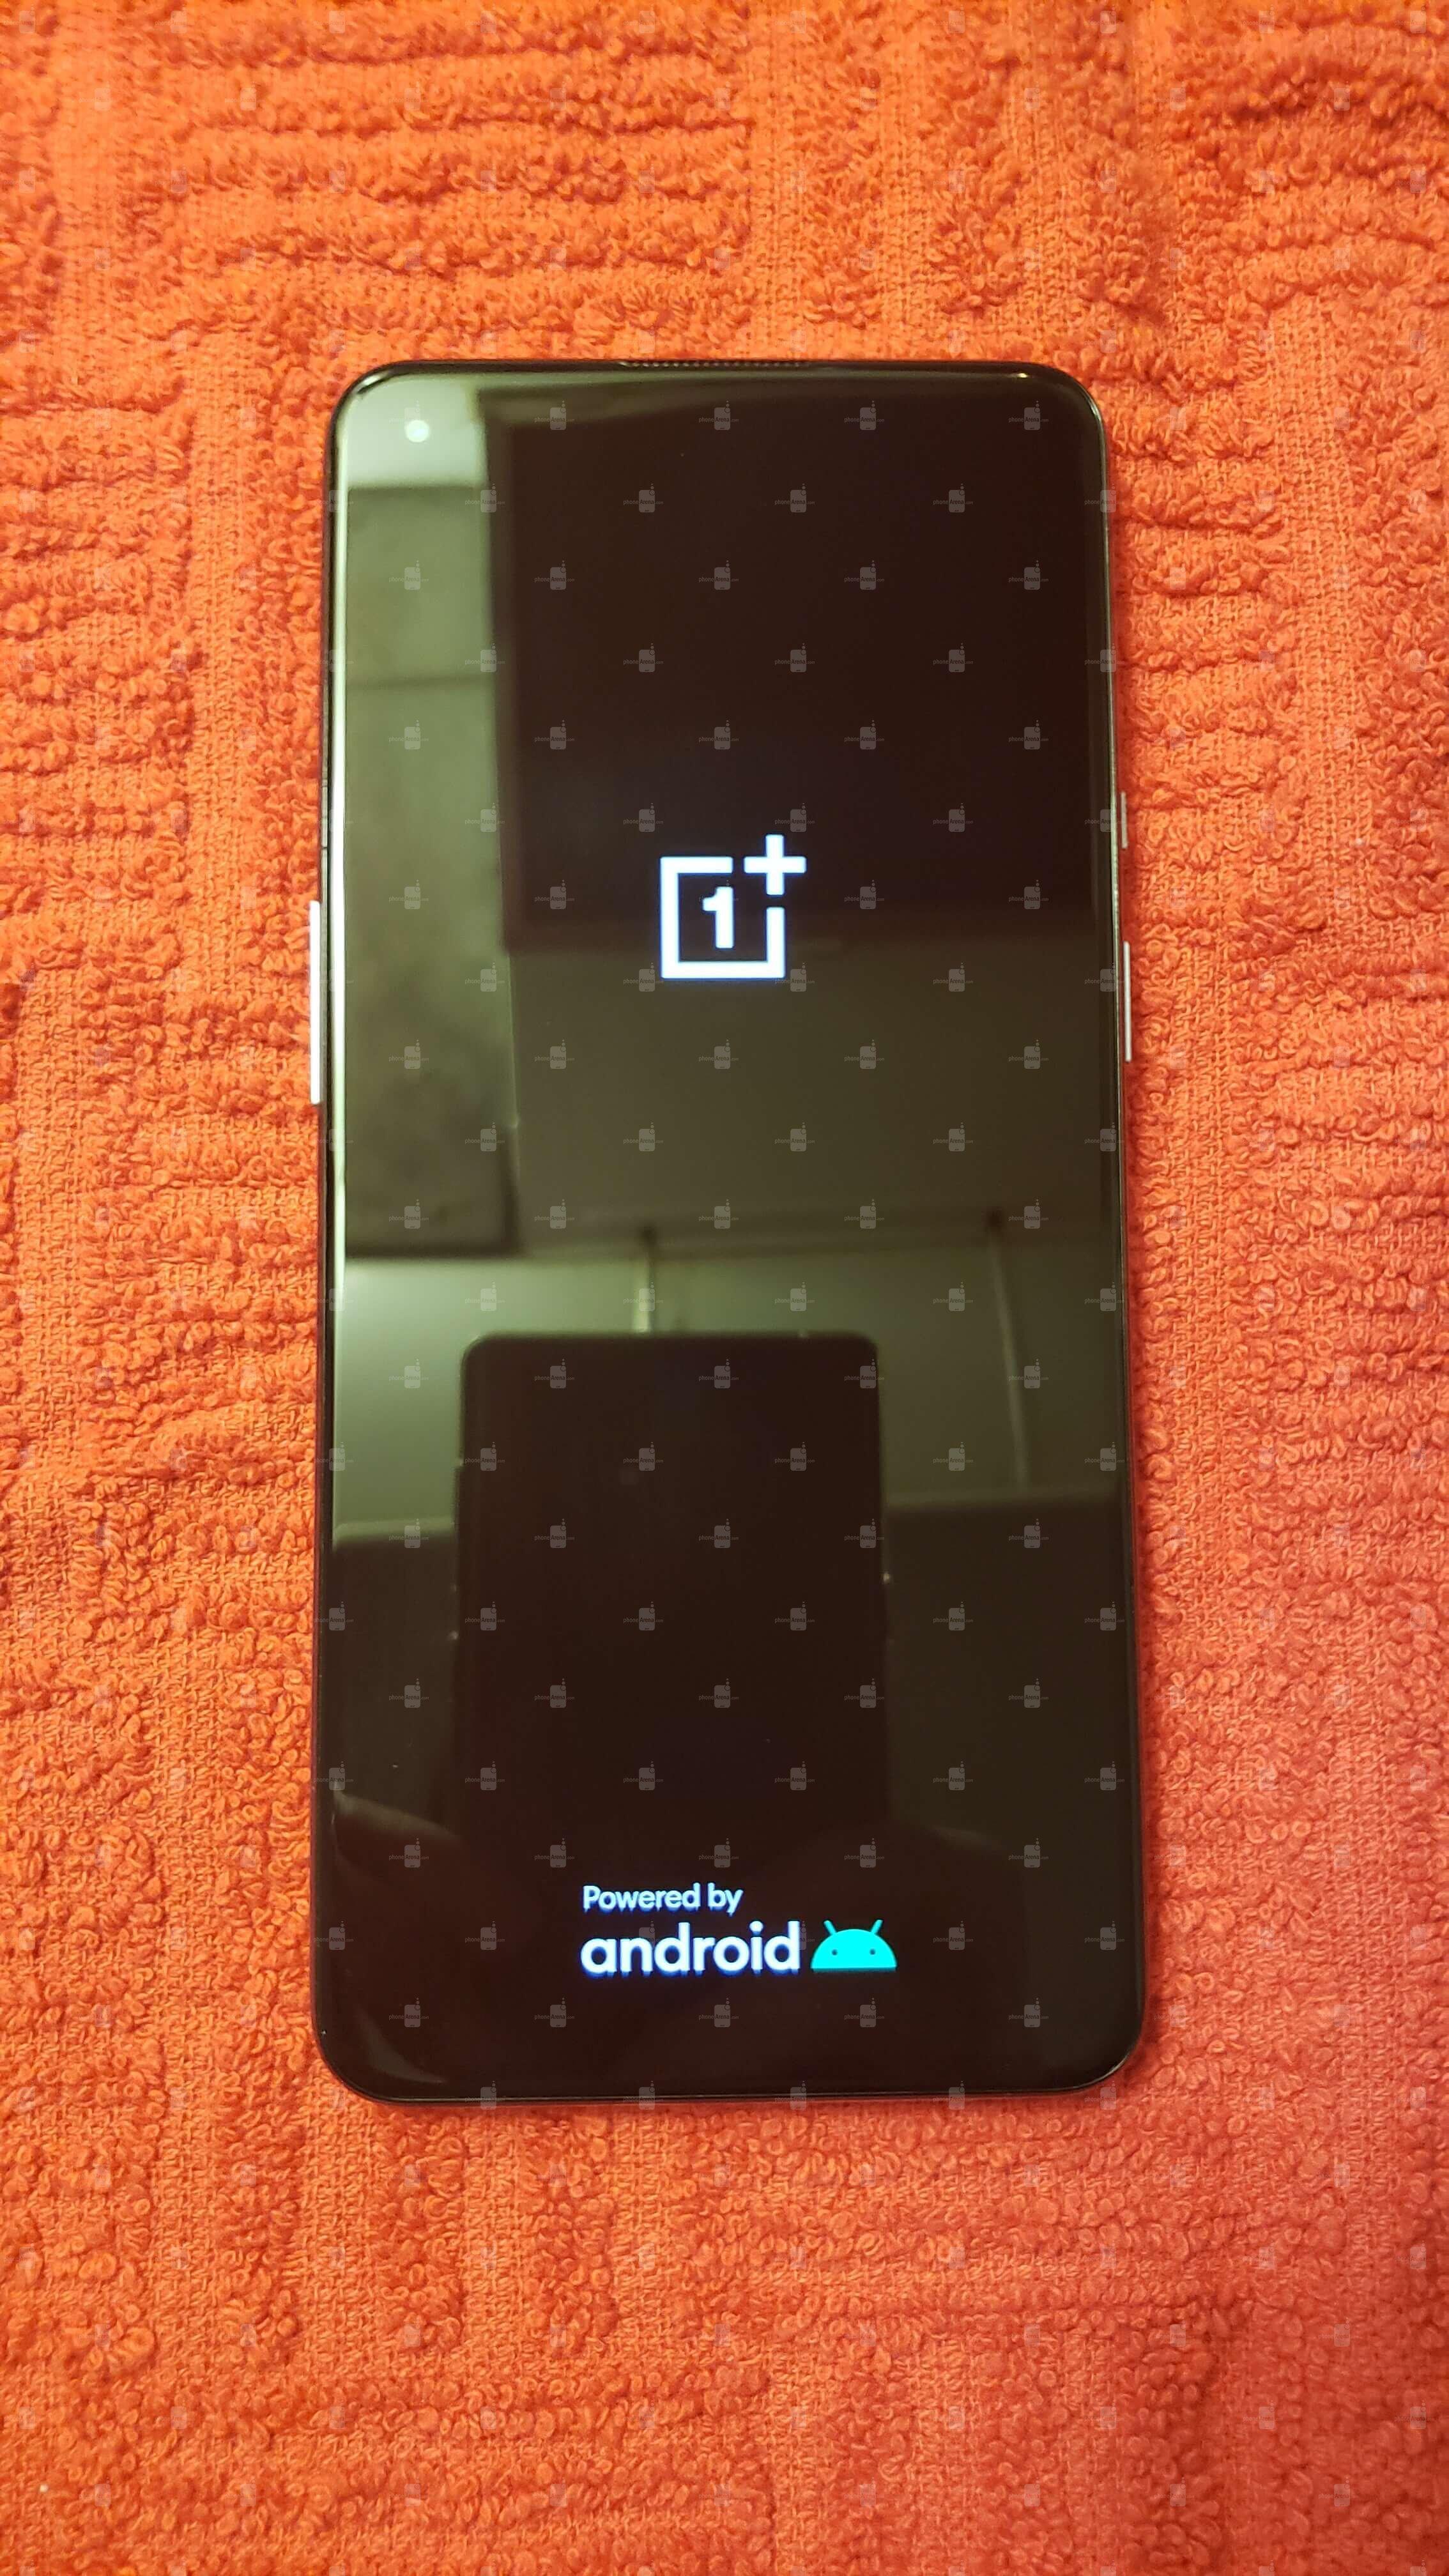 OnePlus 9 lộ ảnh thực tế: Cụm camera thiết kế mới, màn hình nốt ruồi 120Hz, chạy chip Snapdragon 888, ra mắt đầu năm sau - Ảnh 4.